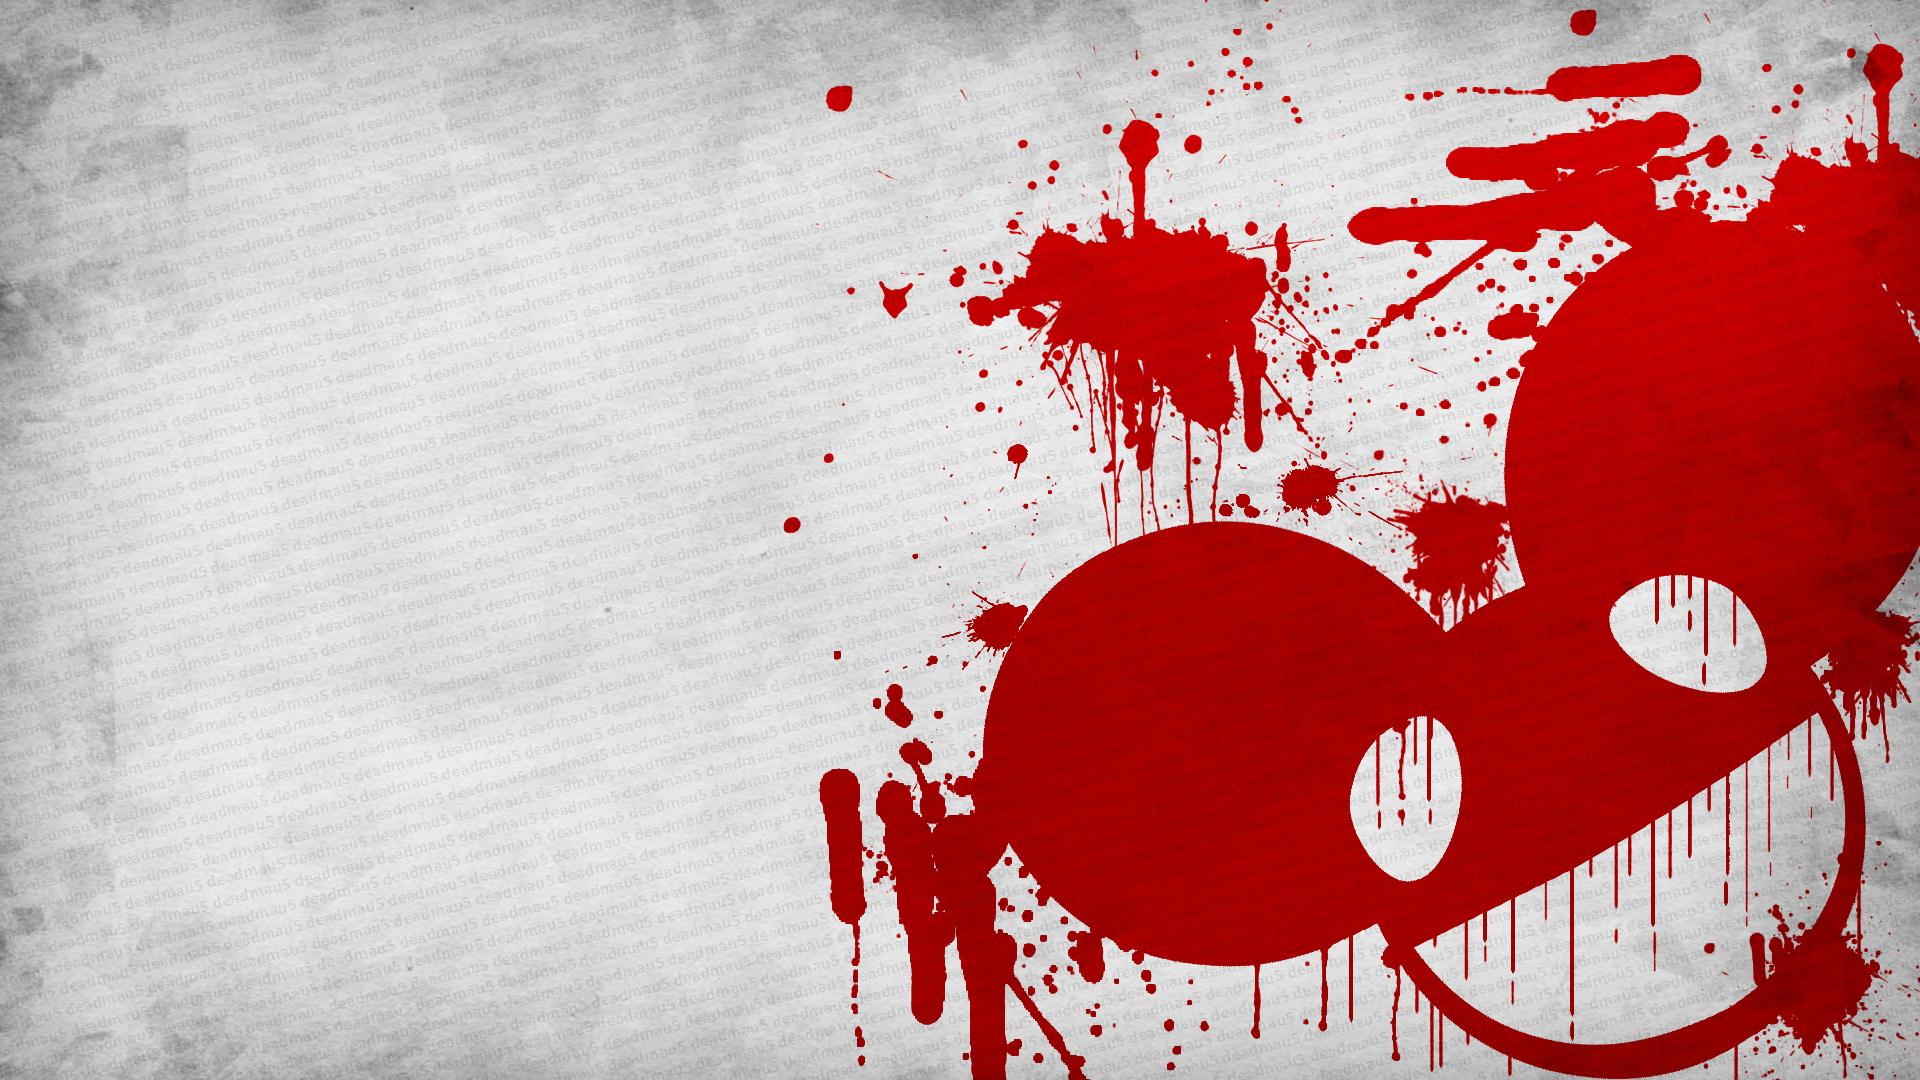 deadmau5 Wallpaper by TheJester26 on